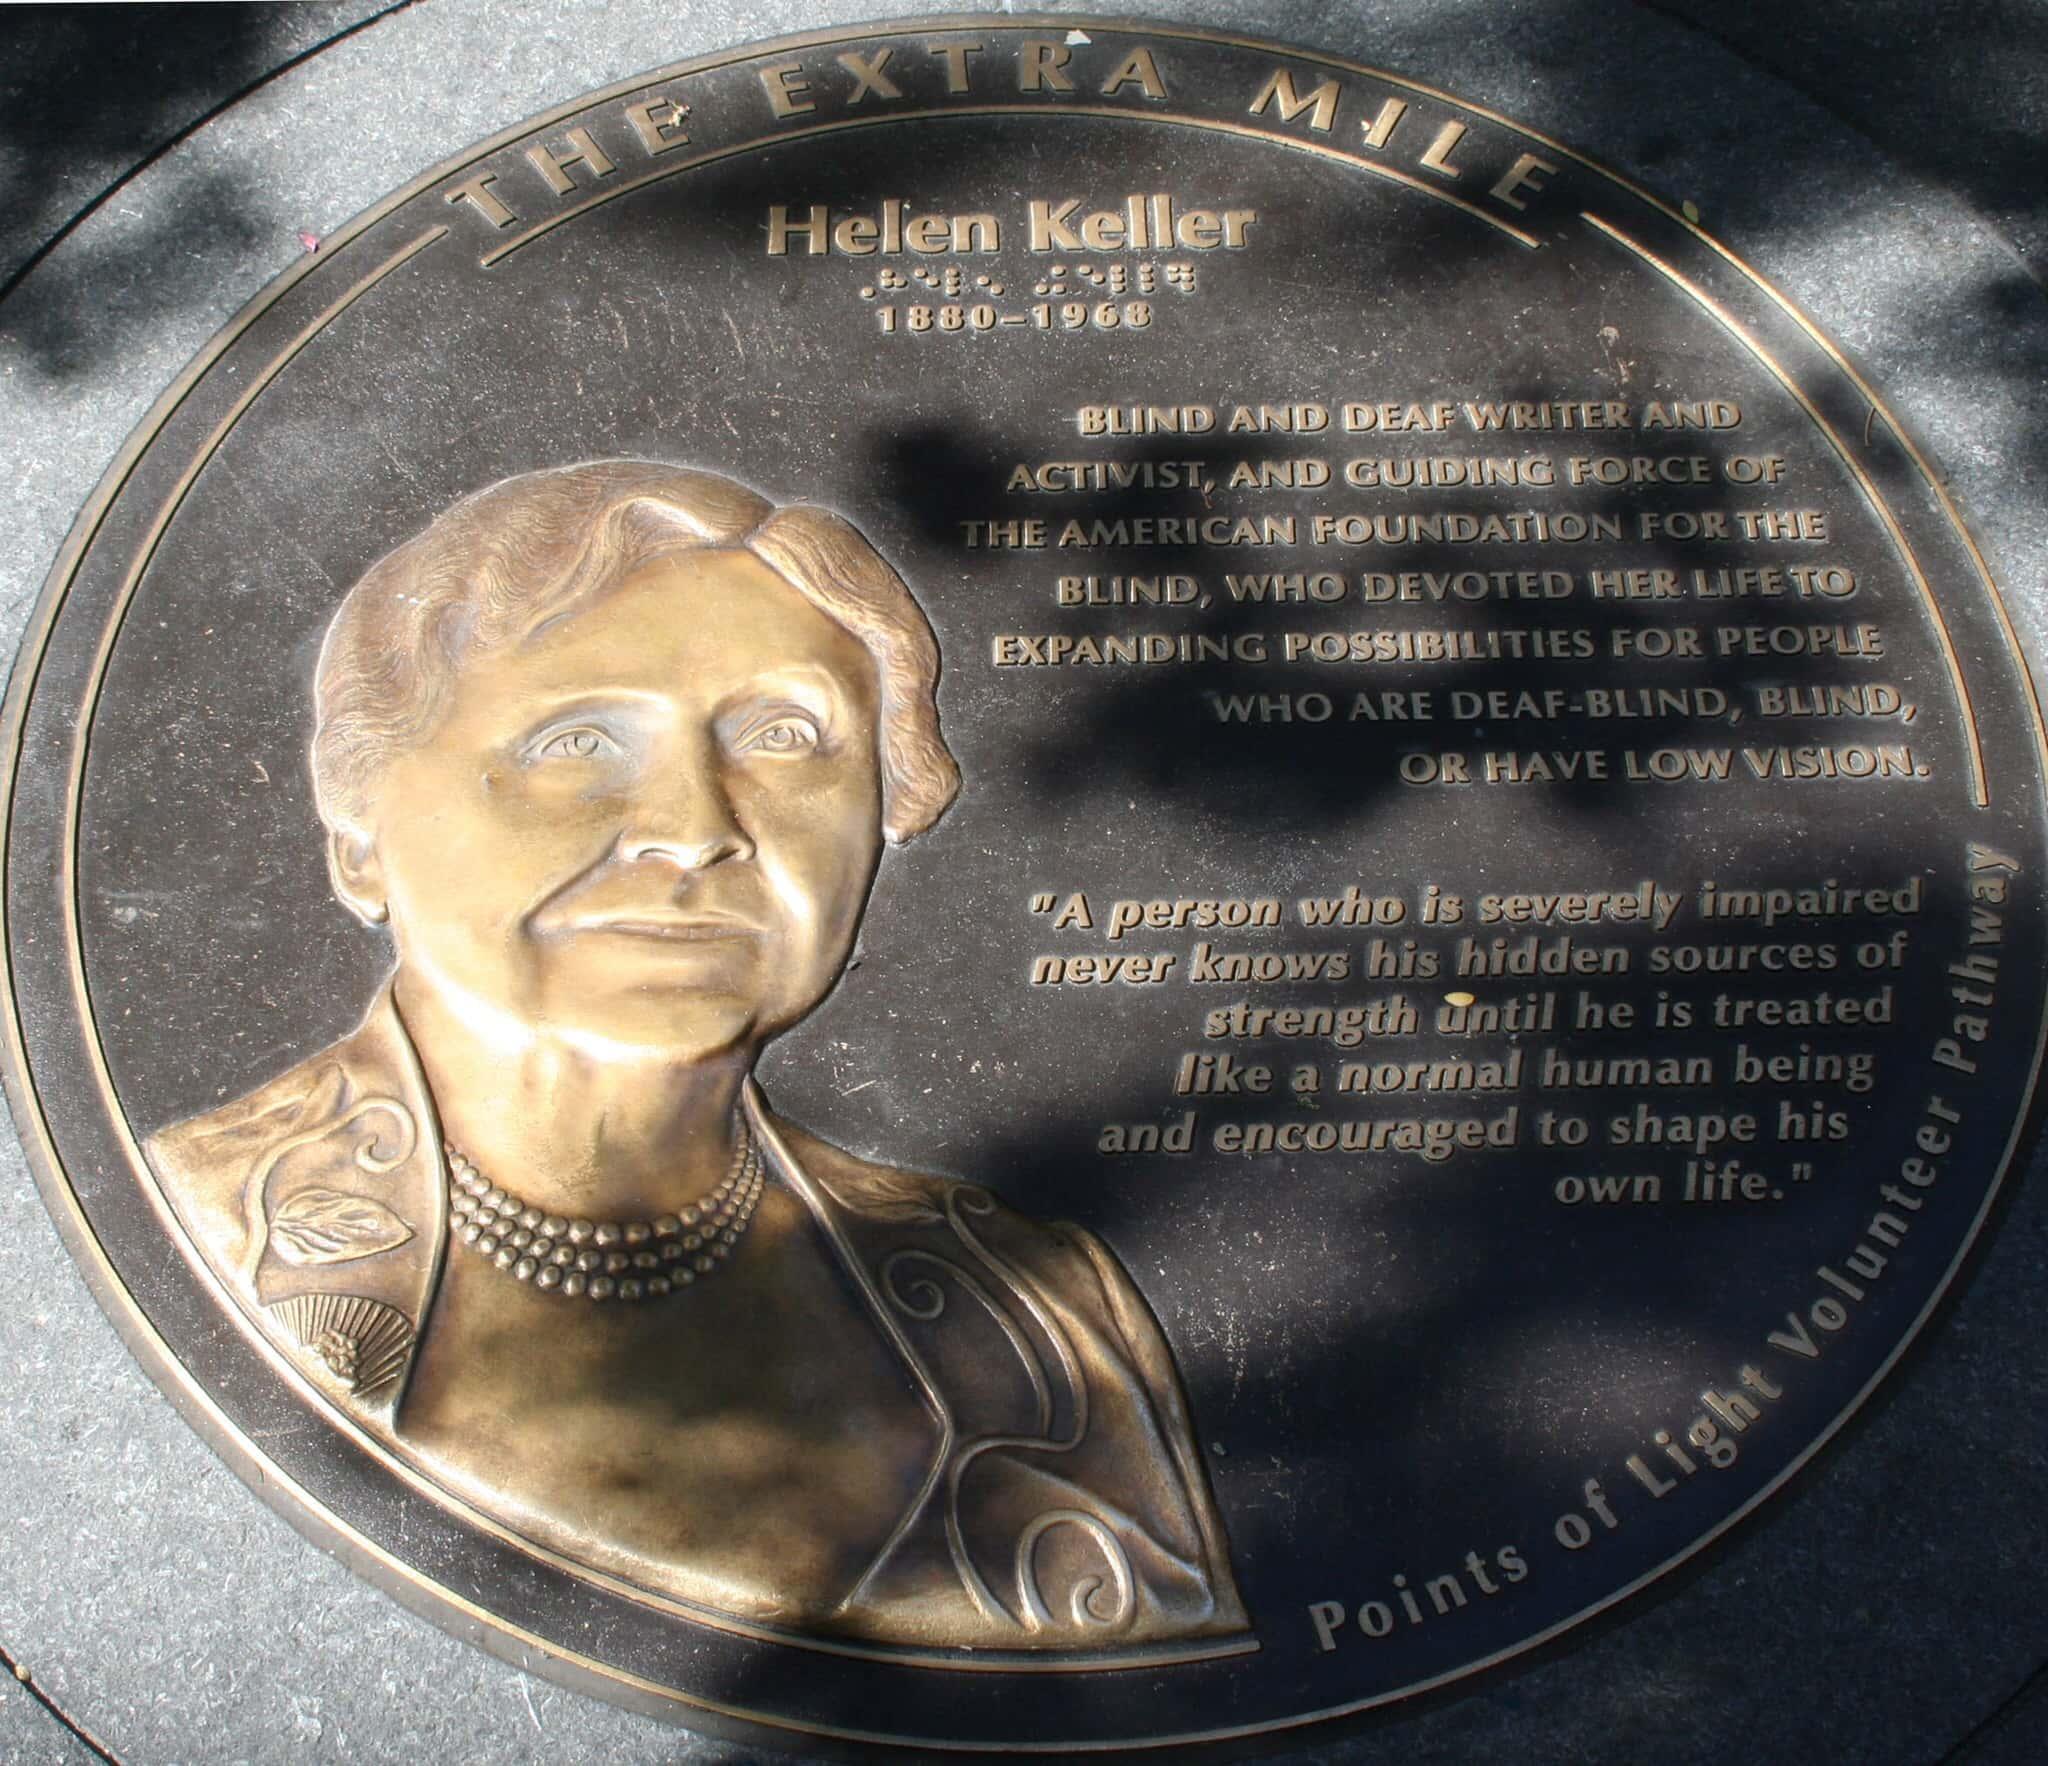 Helen Keller facts